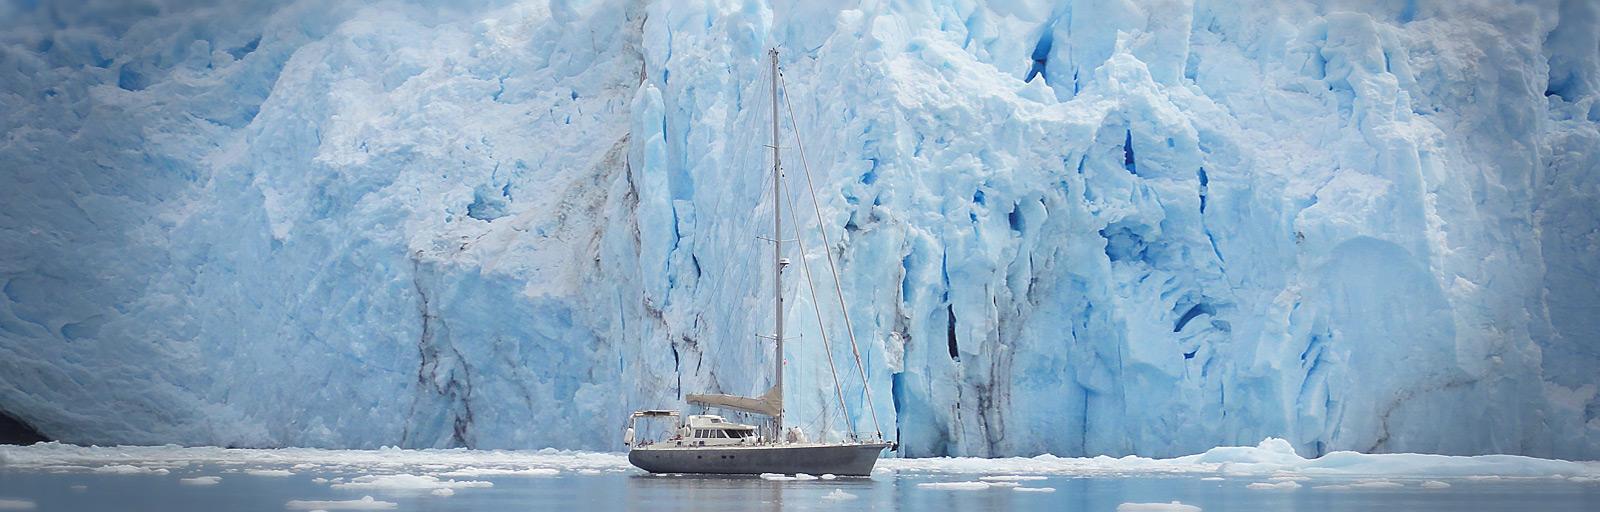 ALUMINIUM CUTTER 53' - AYC Yachtbroker